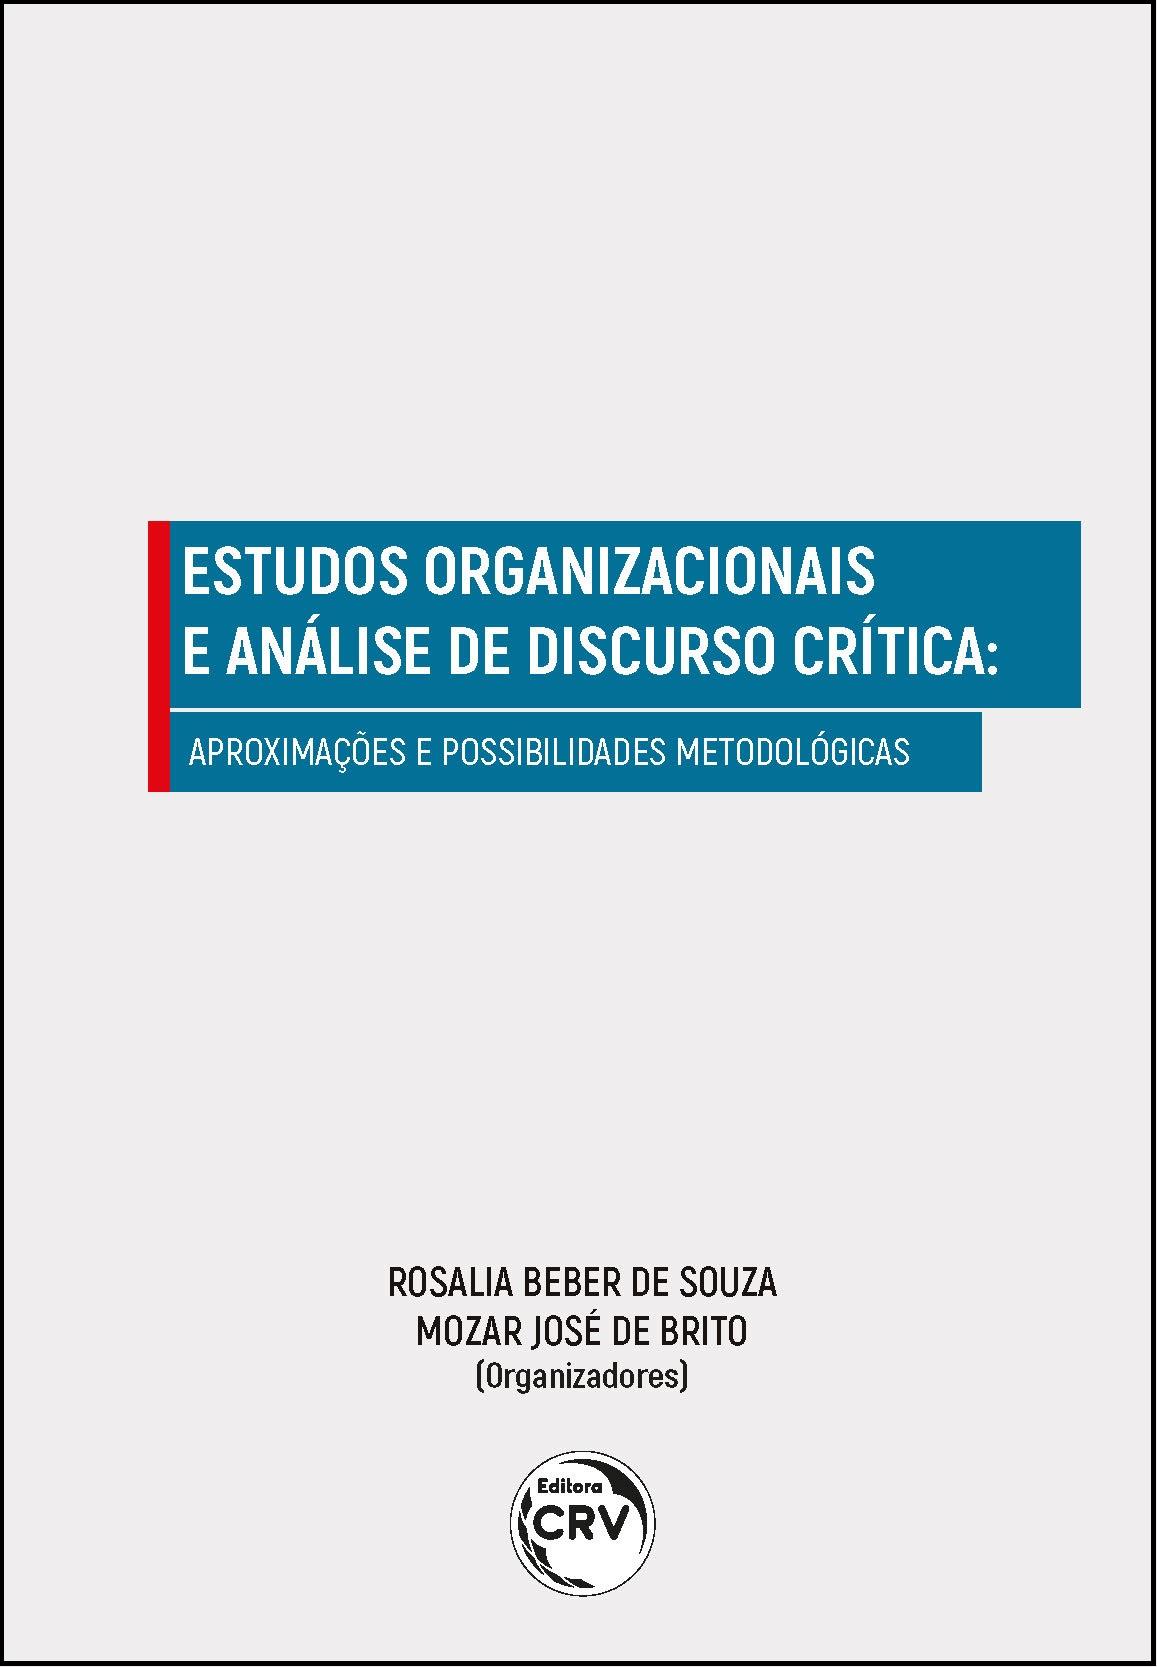 Capa do livro: ESTUDOS ORGANIZACIONAIS E ANÁLISE DE DISCURSO CRÍTICA:<br>aproximações e possibilidades metodológicas